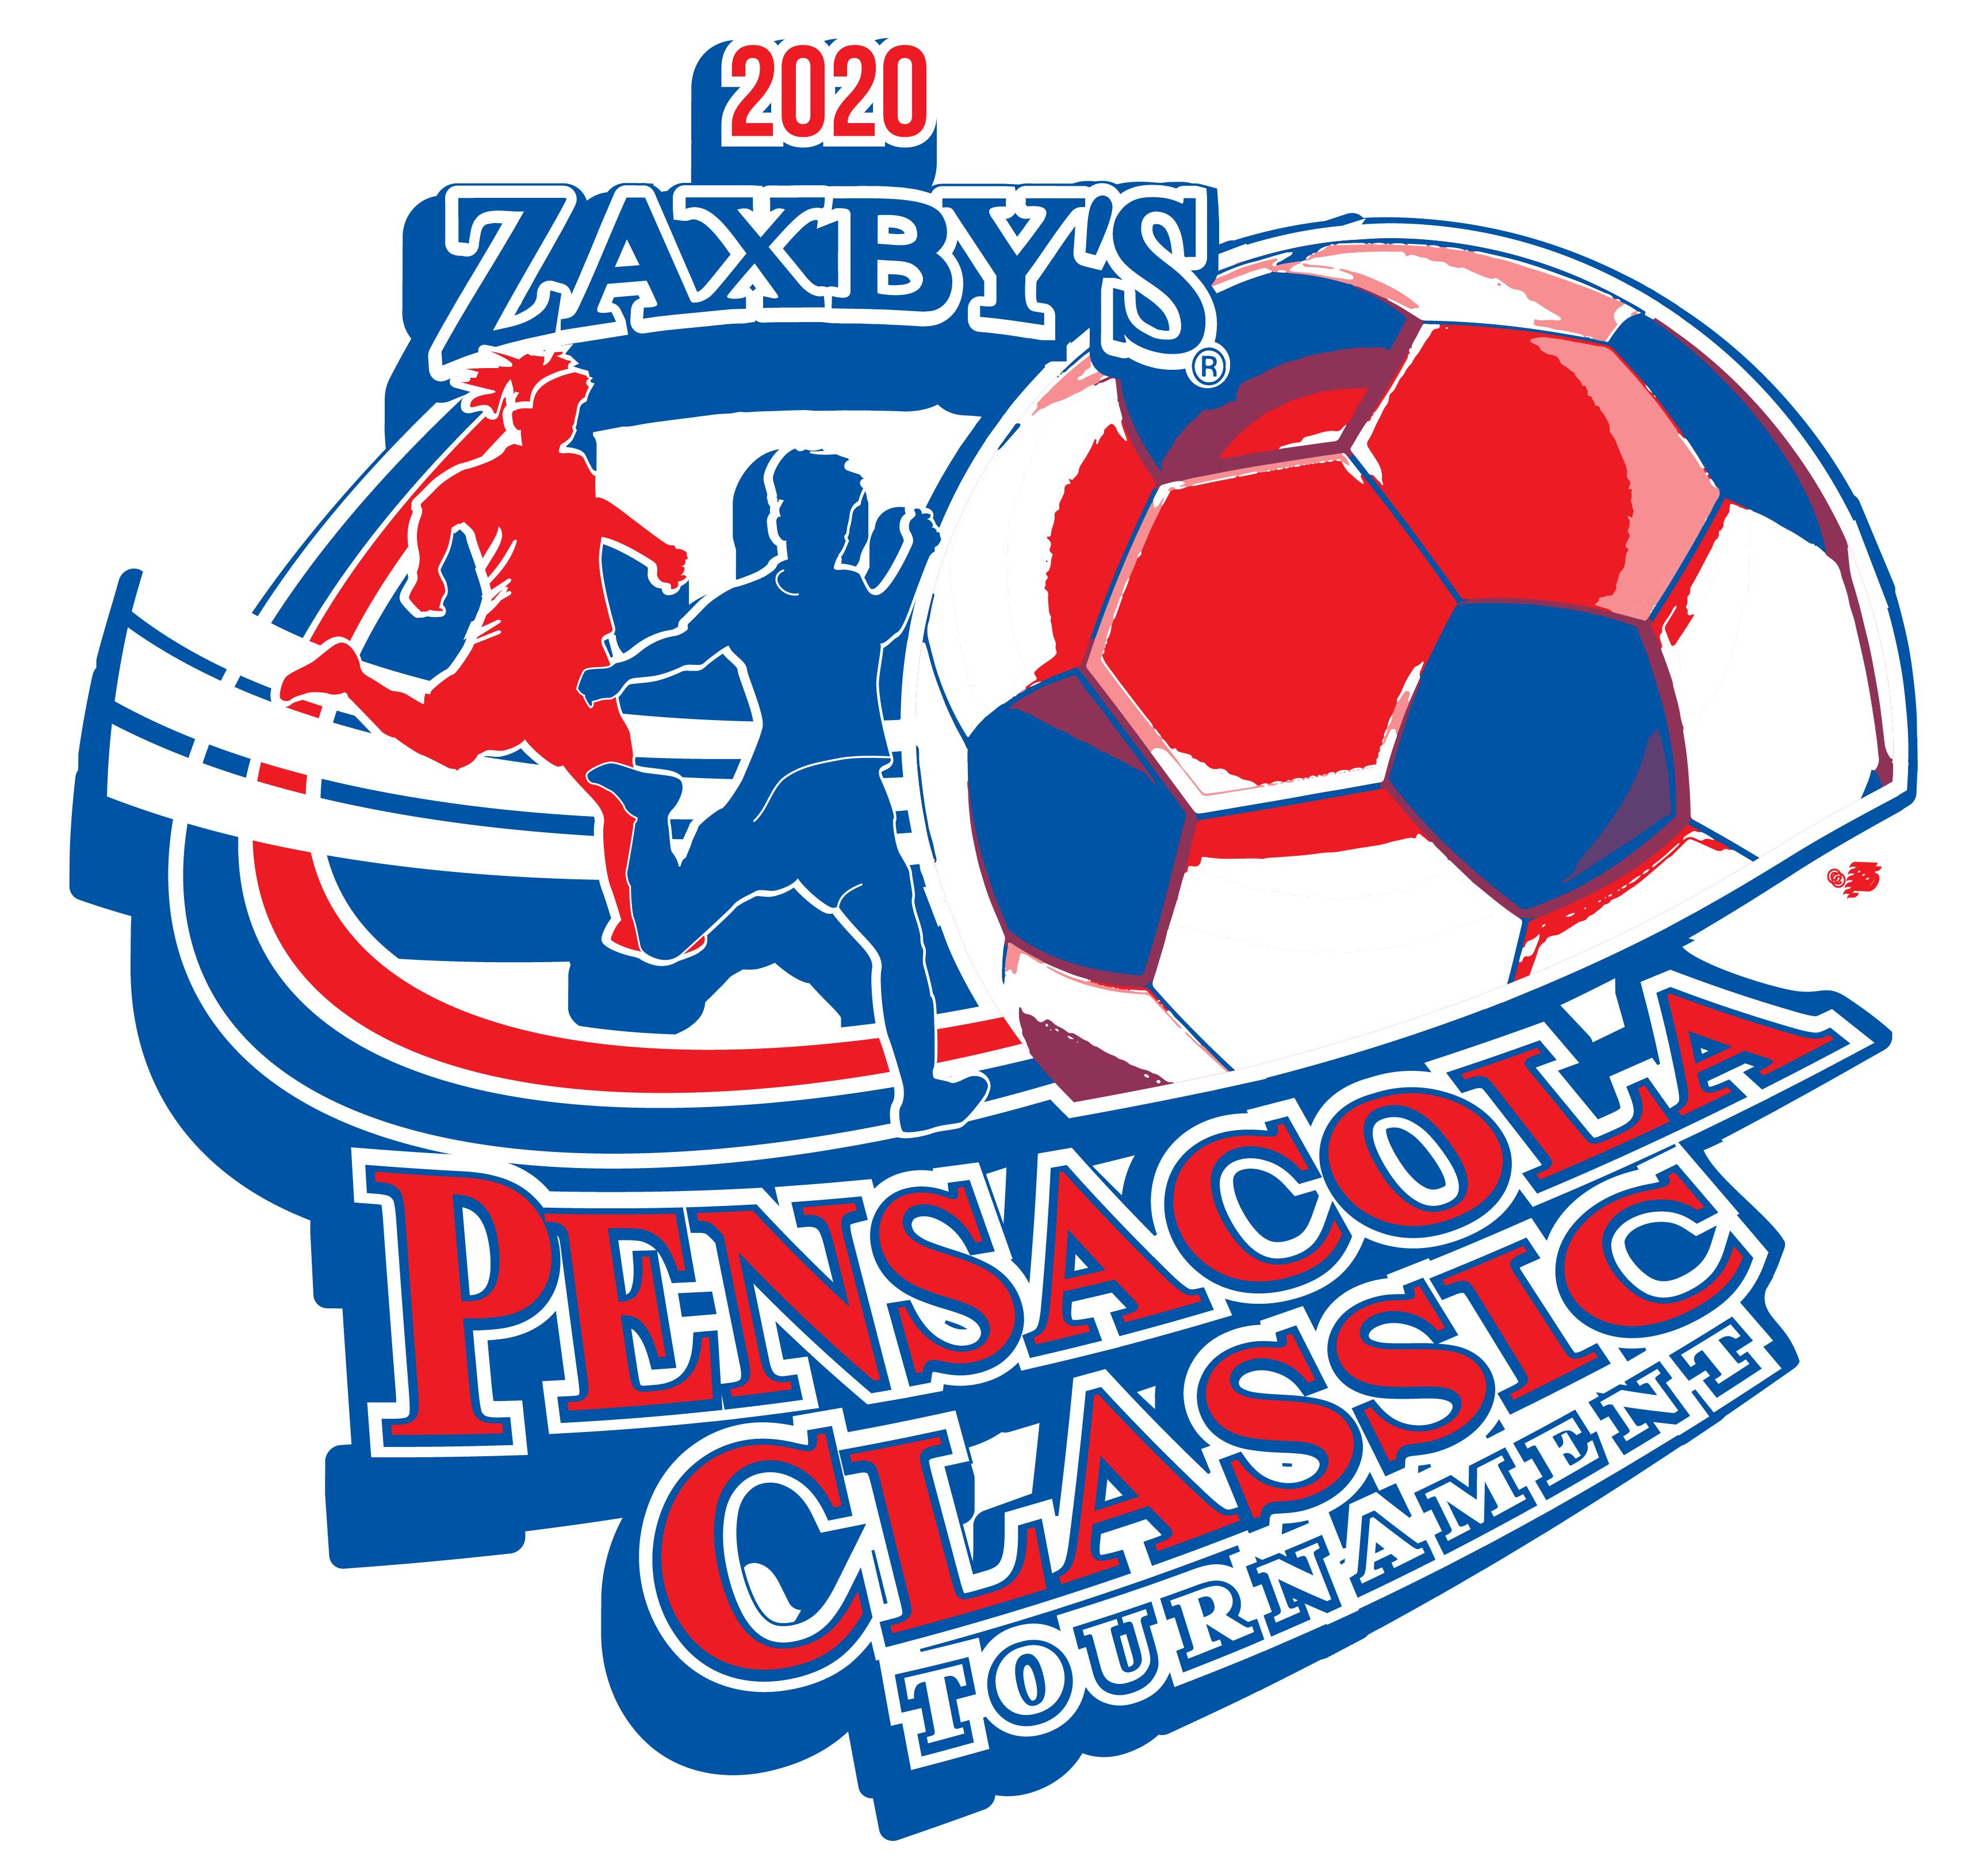 Pensacola Classic